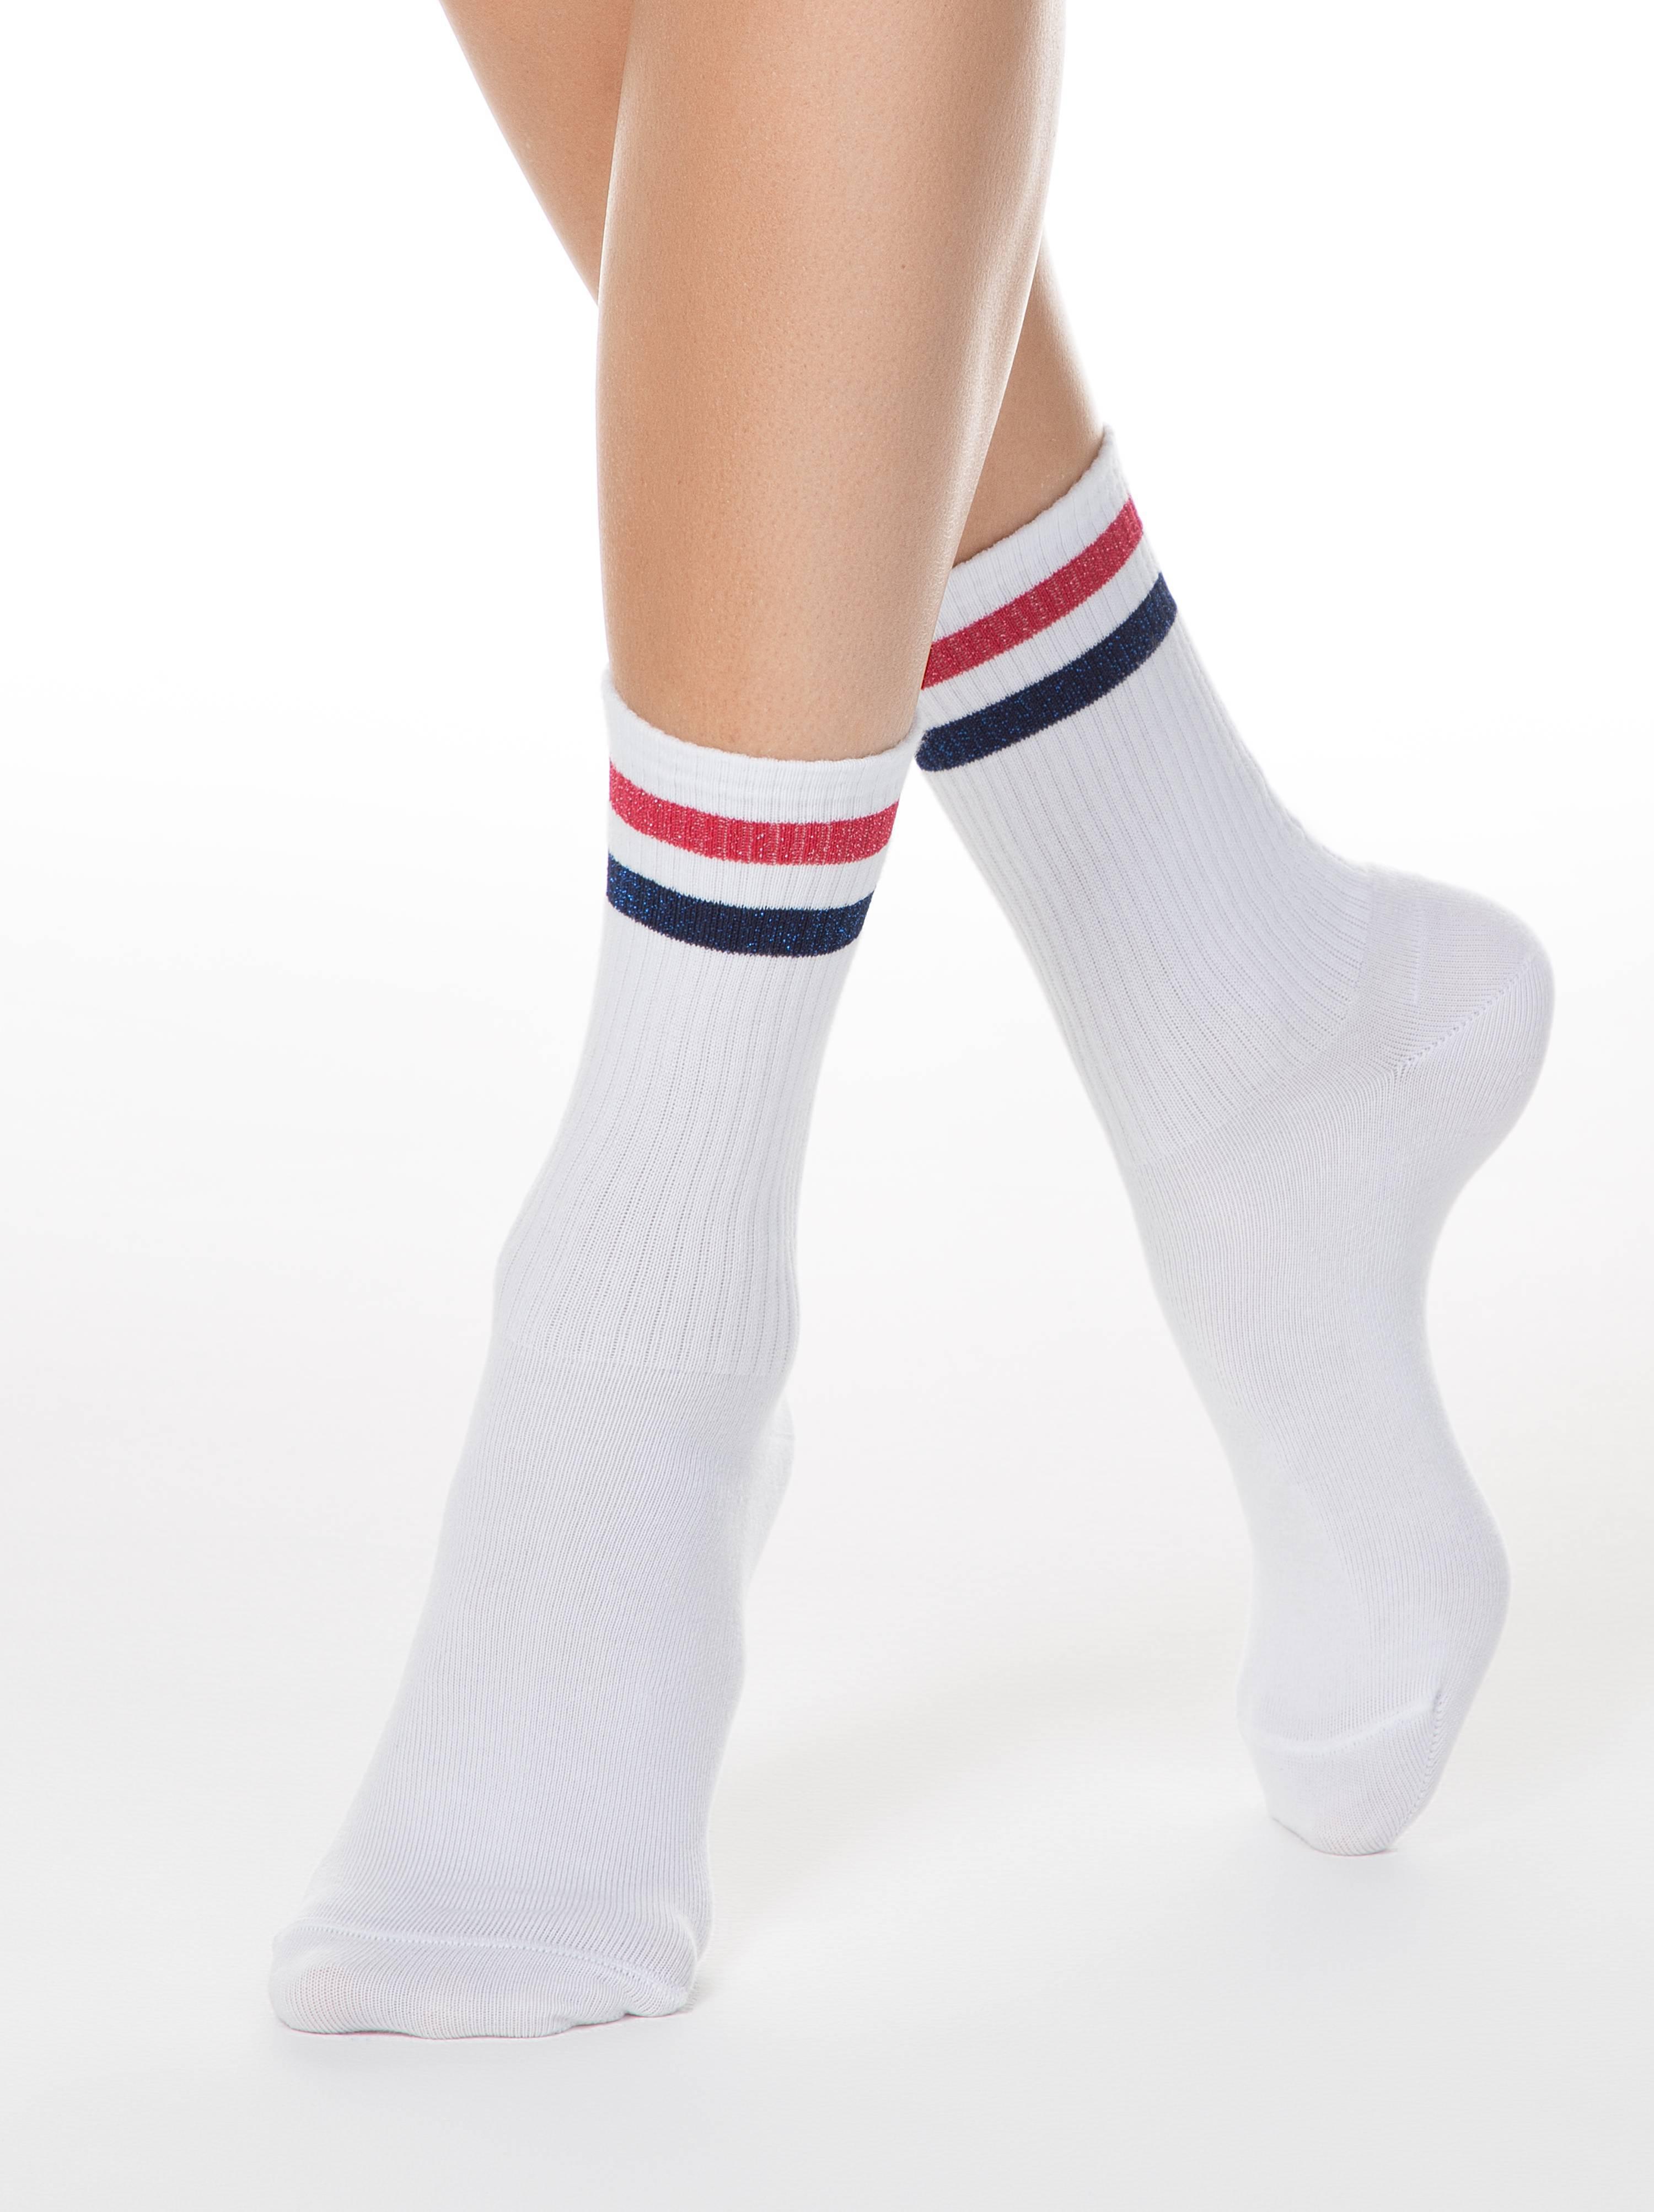 Удлиненные хлопковые носки ACTIVE с яркими полосками из люрекса фото